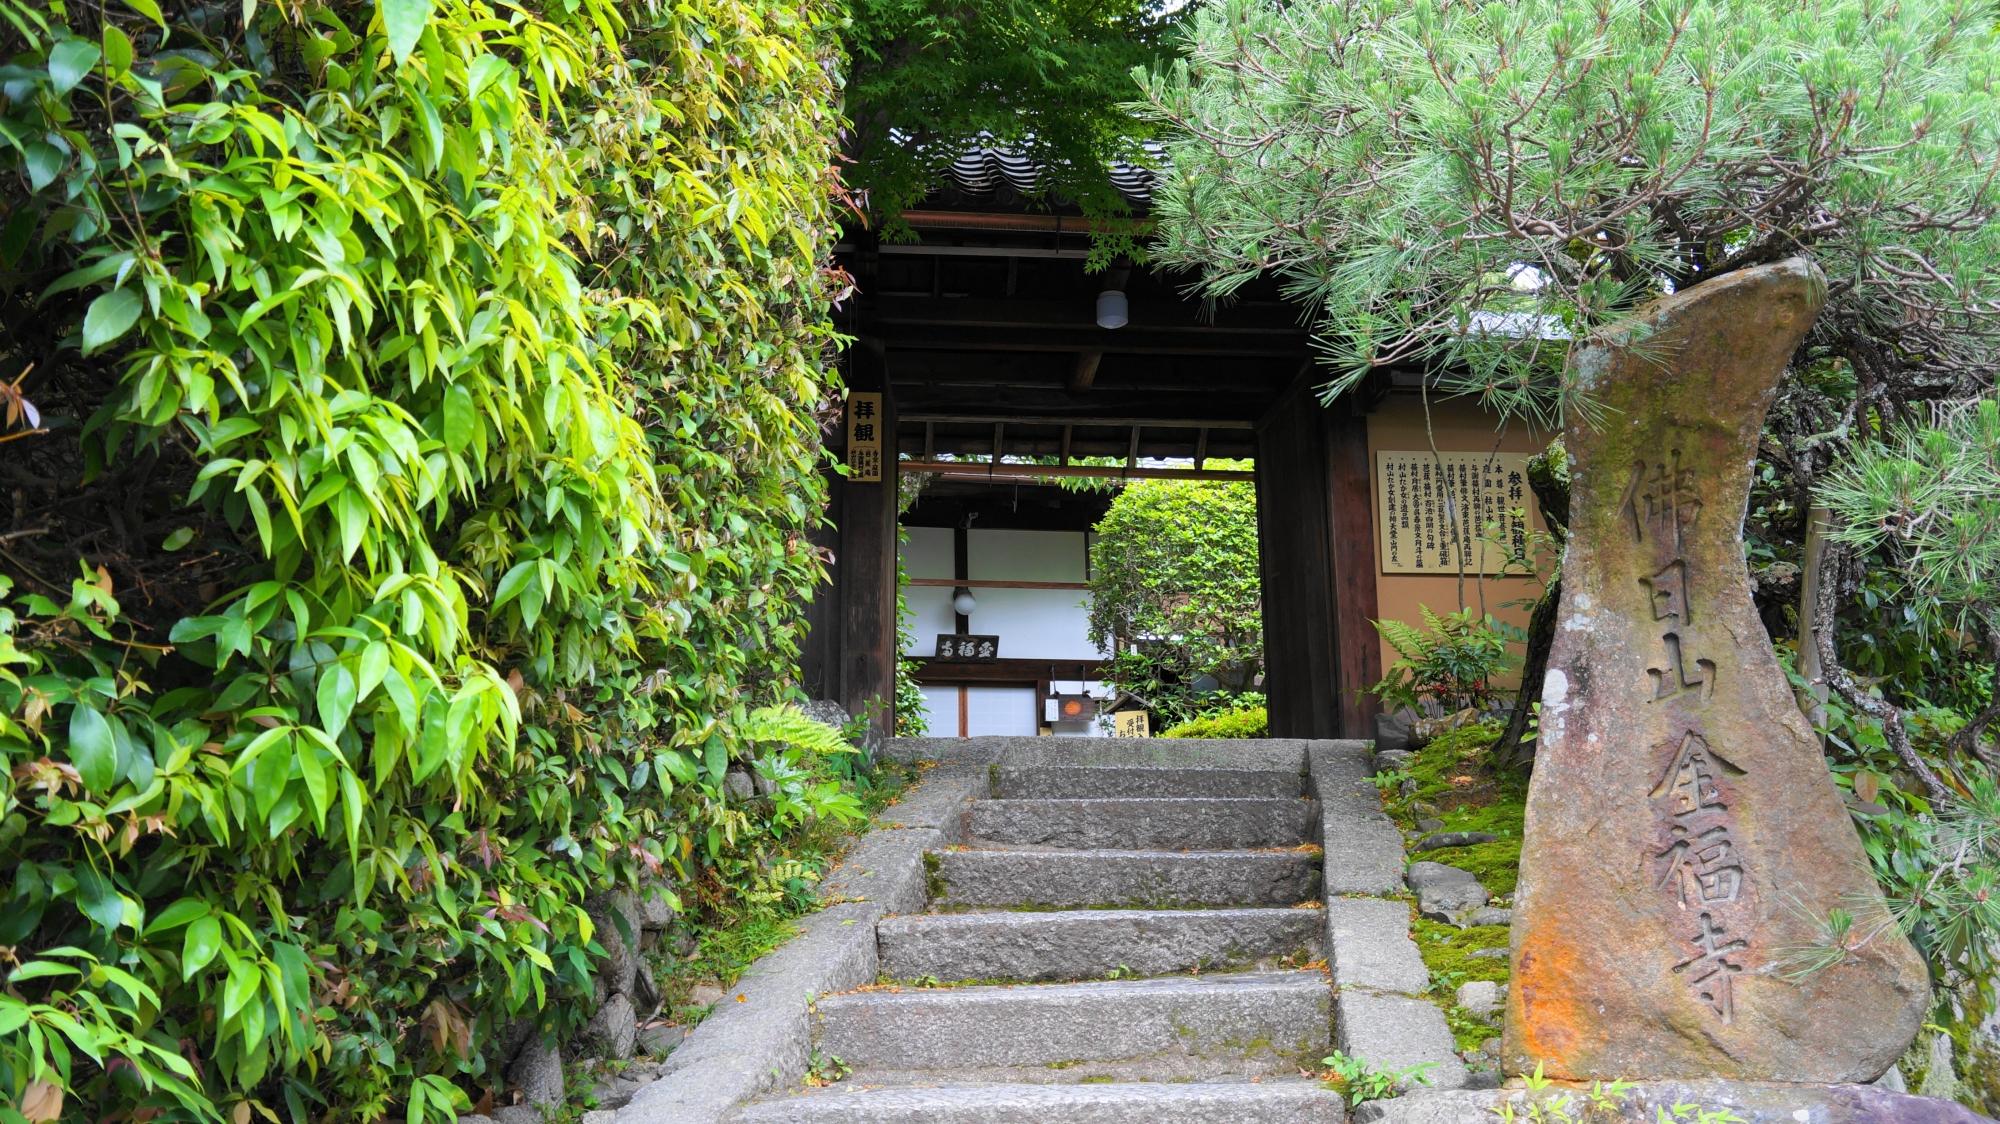 風情ある石段の上にある金福寺の山門